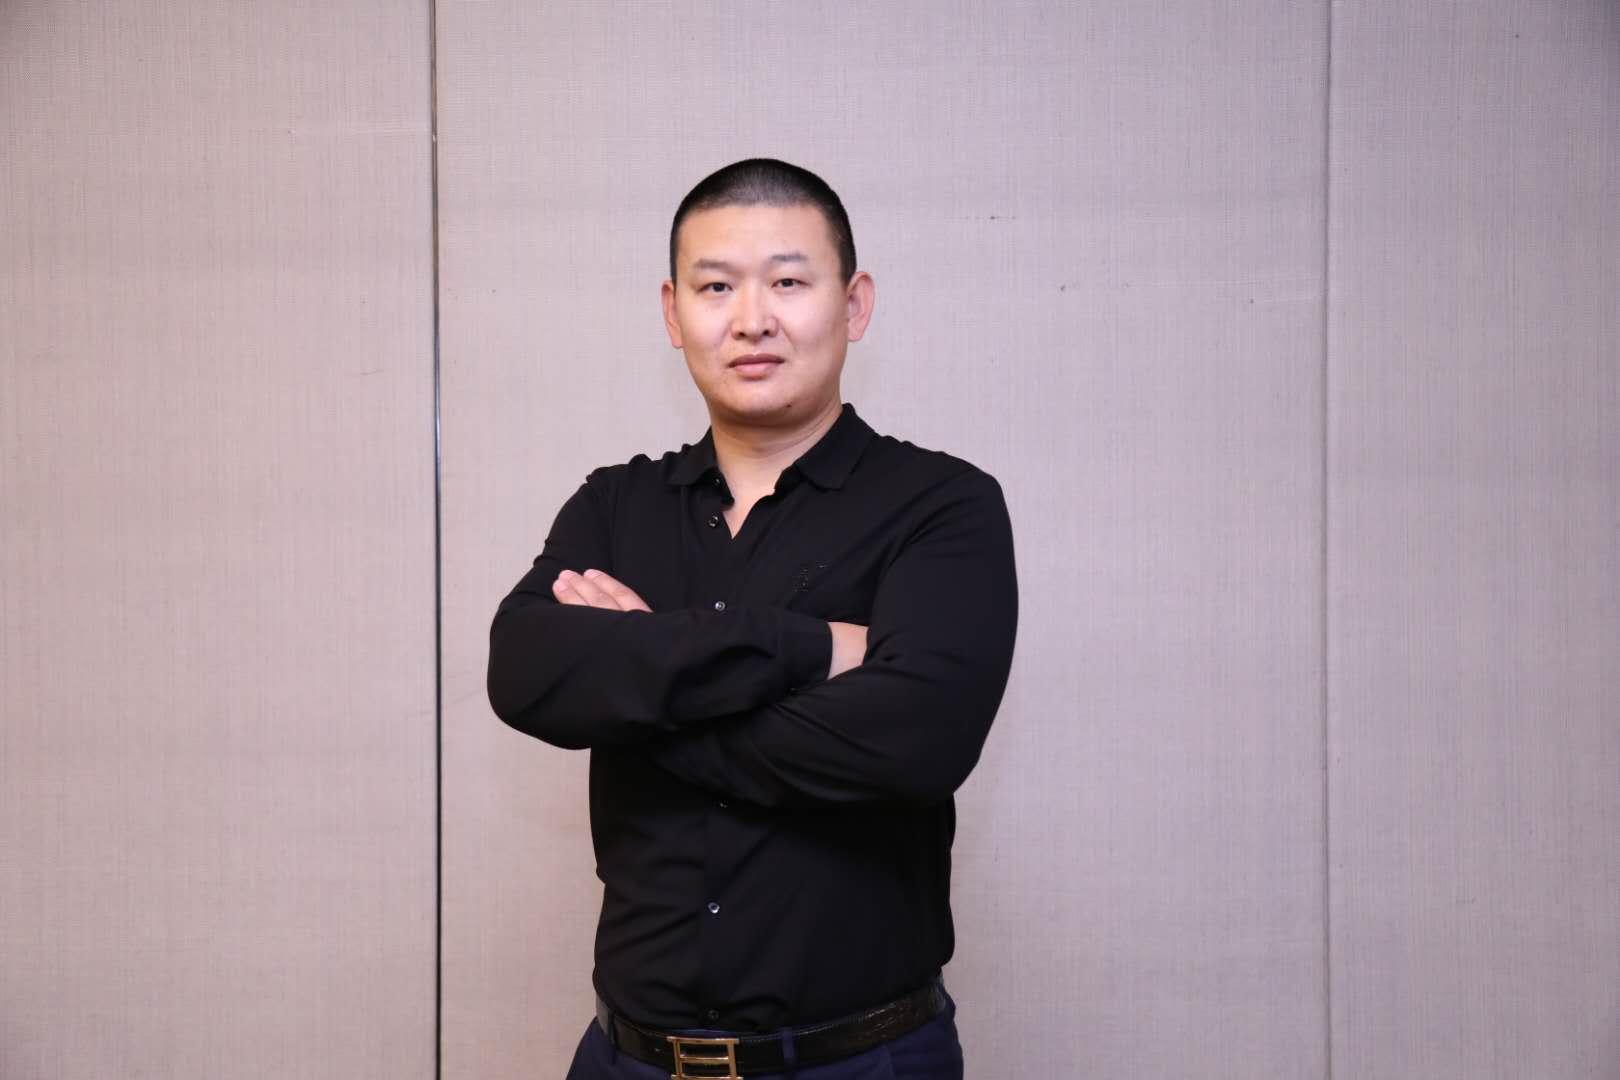 鄂尔多斯市晟远生态科技农牧业有限责任公司董事长王燕君